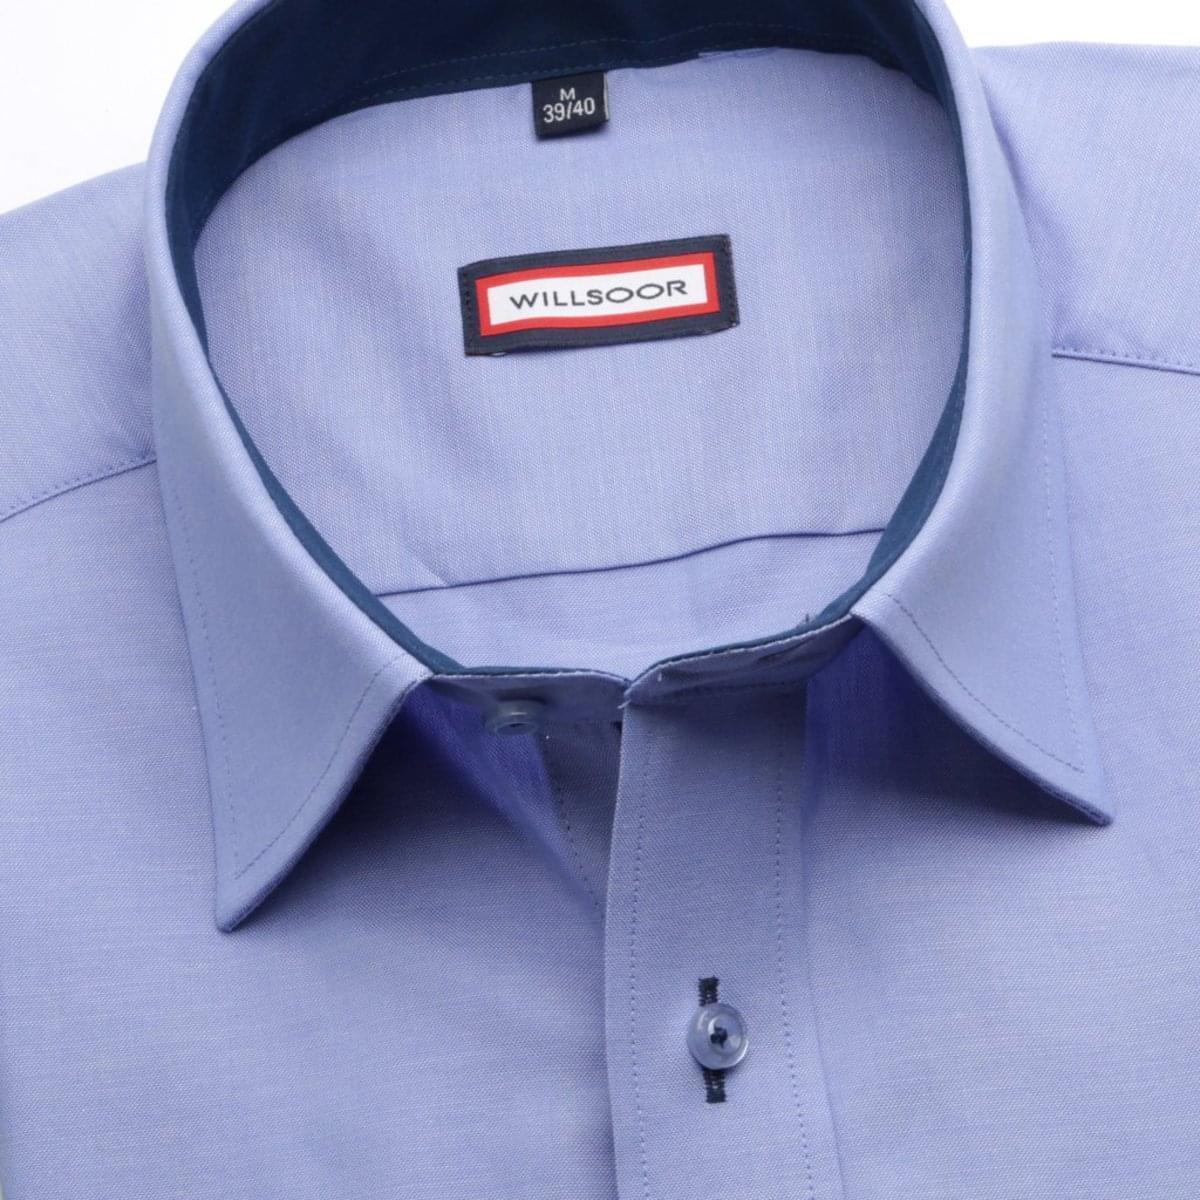 Pánská slim fit košile (výška 176-182) 6591 ve světle modré barvě 164-170 / XL (43/44) 176-182 / XL (43/44)